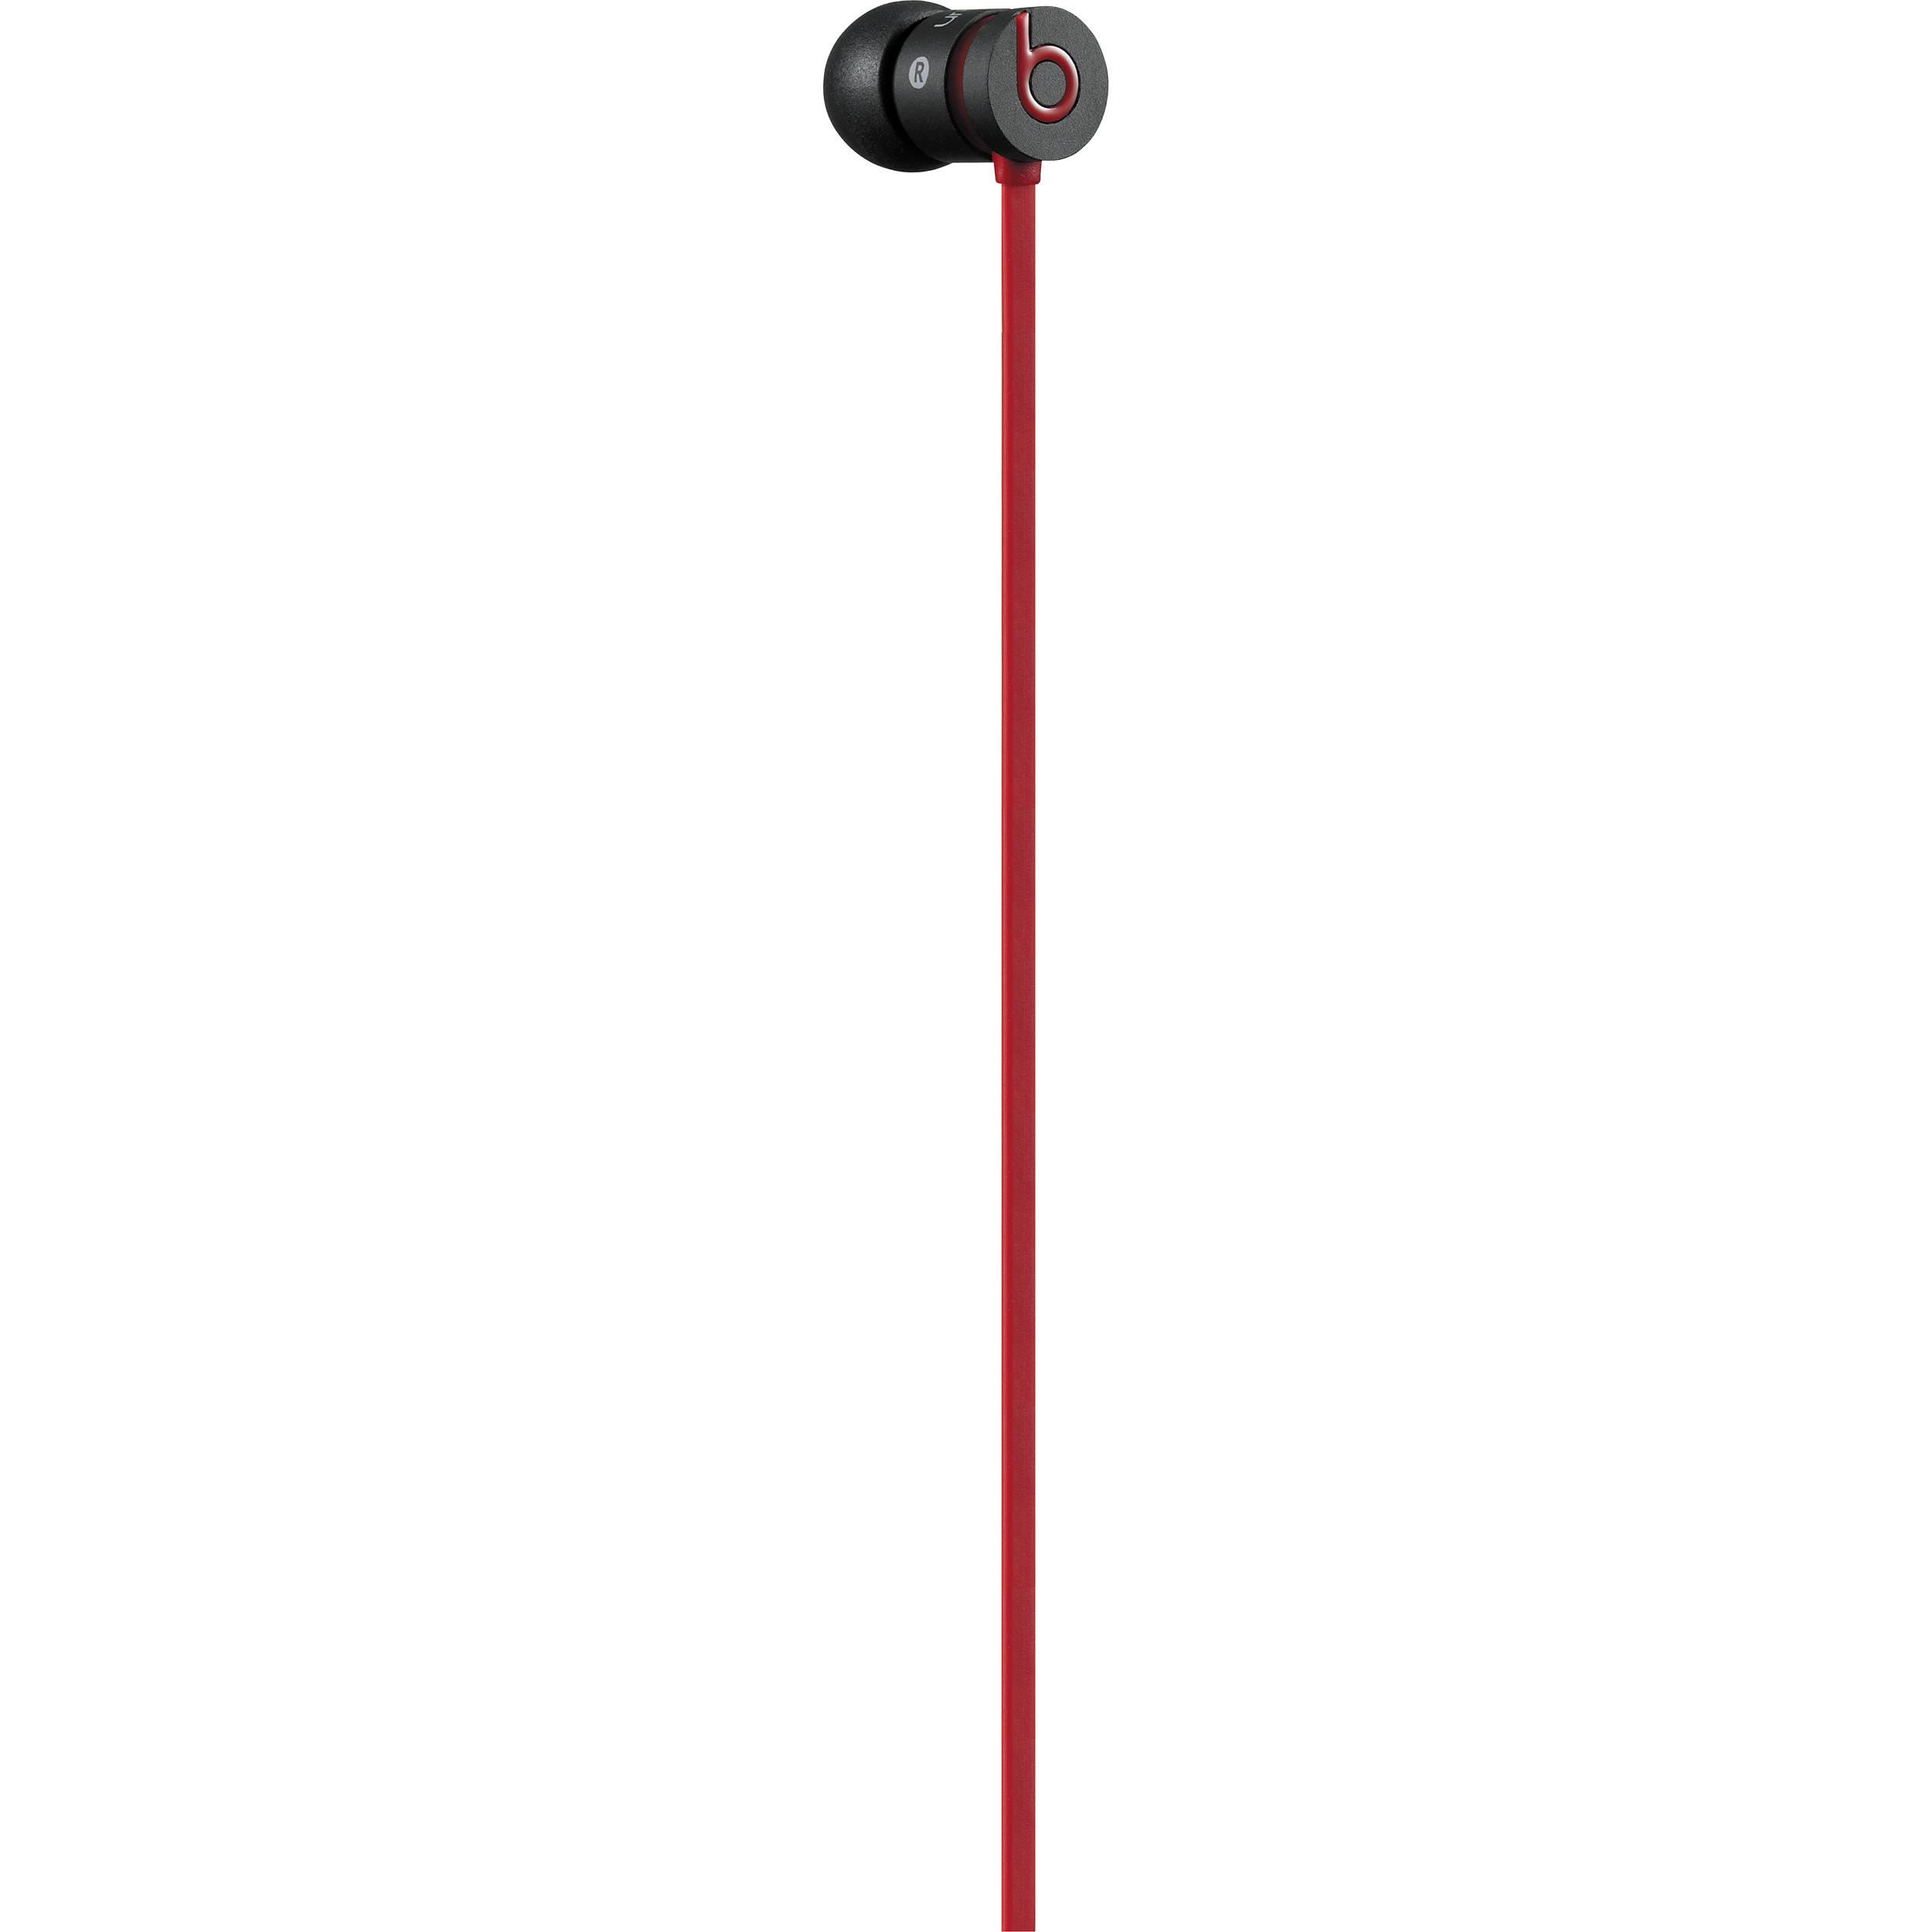 Beats by Dr  Dre urBeats In-Ear Headphones (Black)